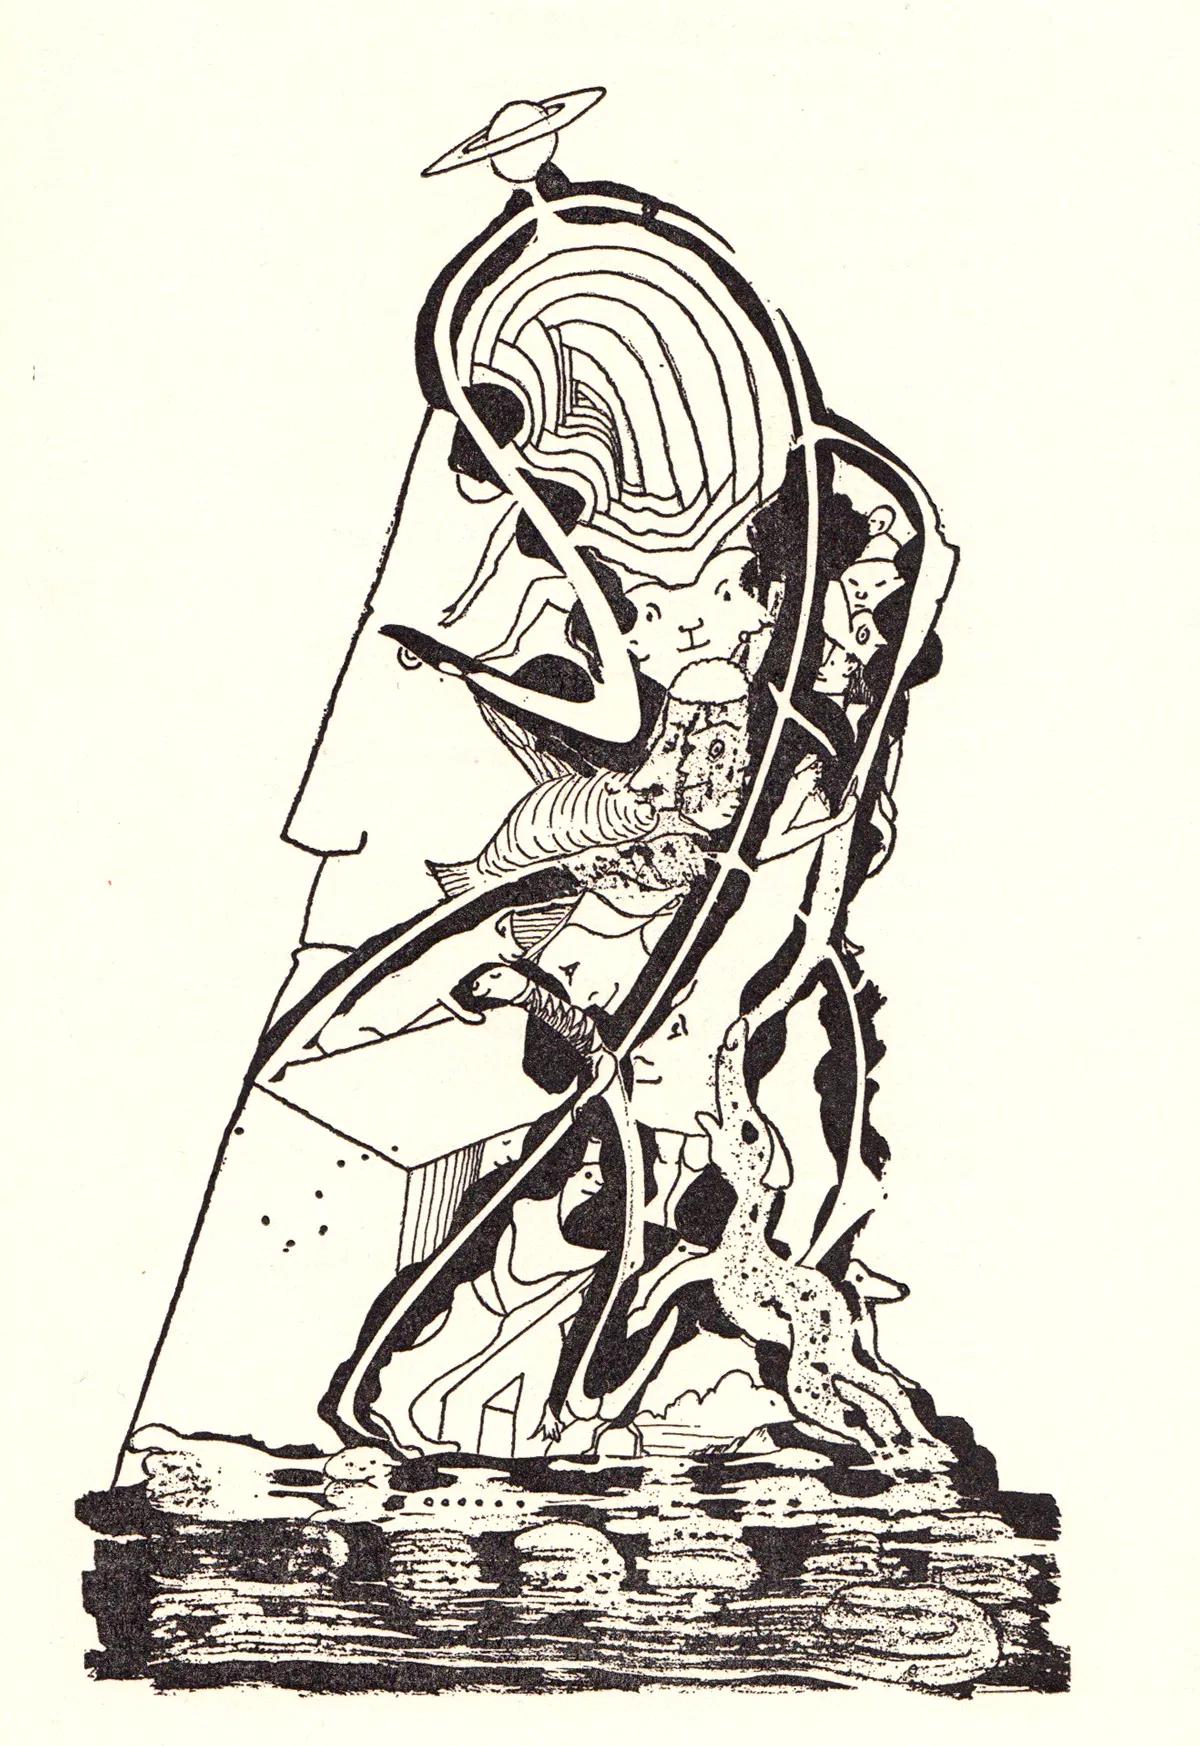 Иллюстрация Хью Либера к монографии Лилиан Либер Human Values and Science, Art and Mathematics (1961)